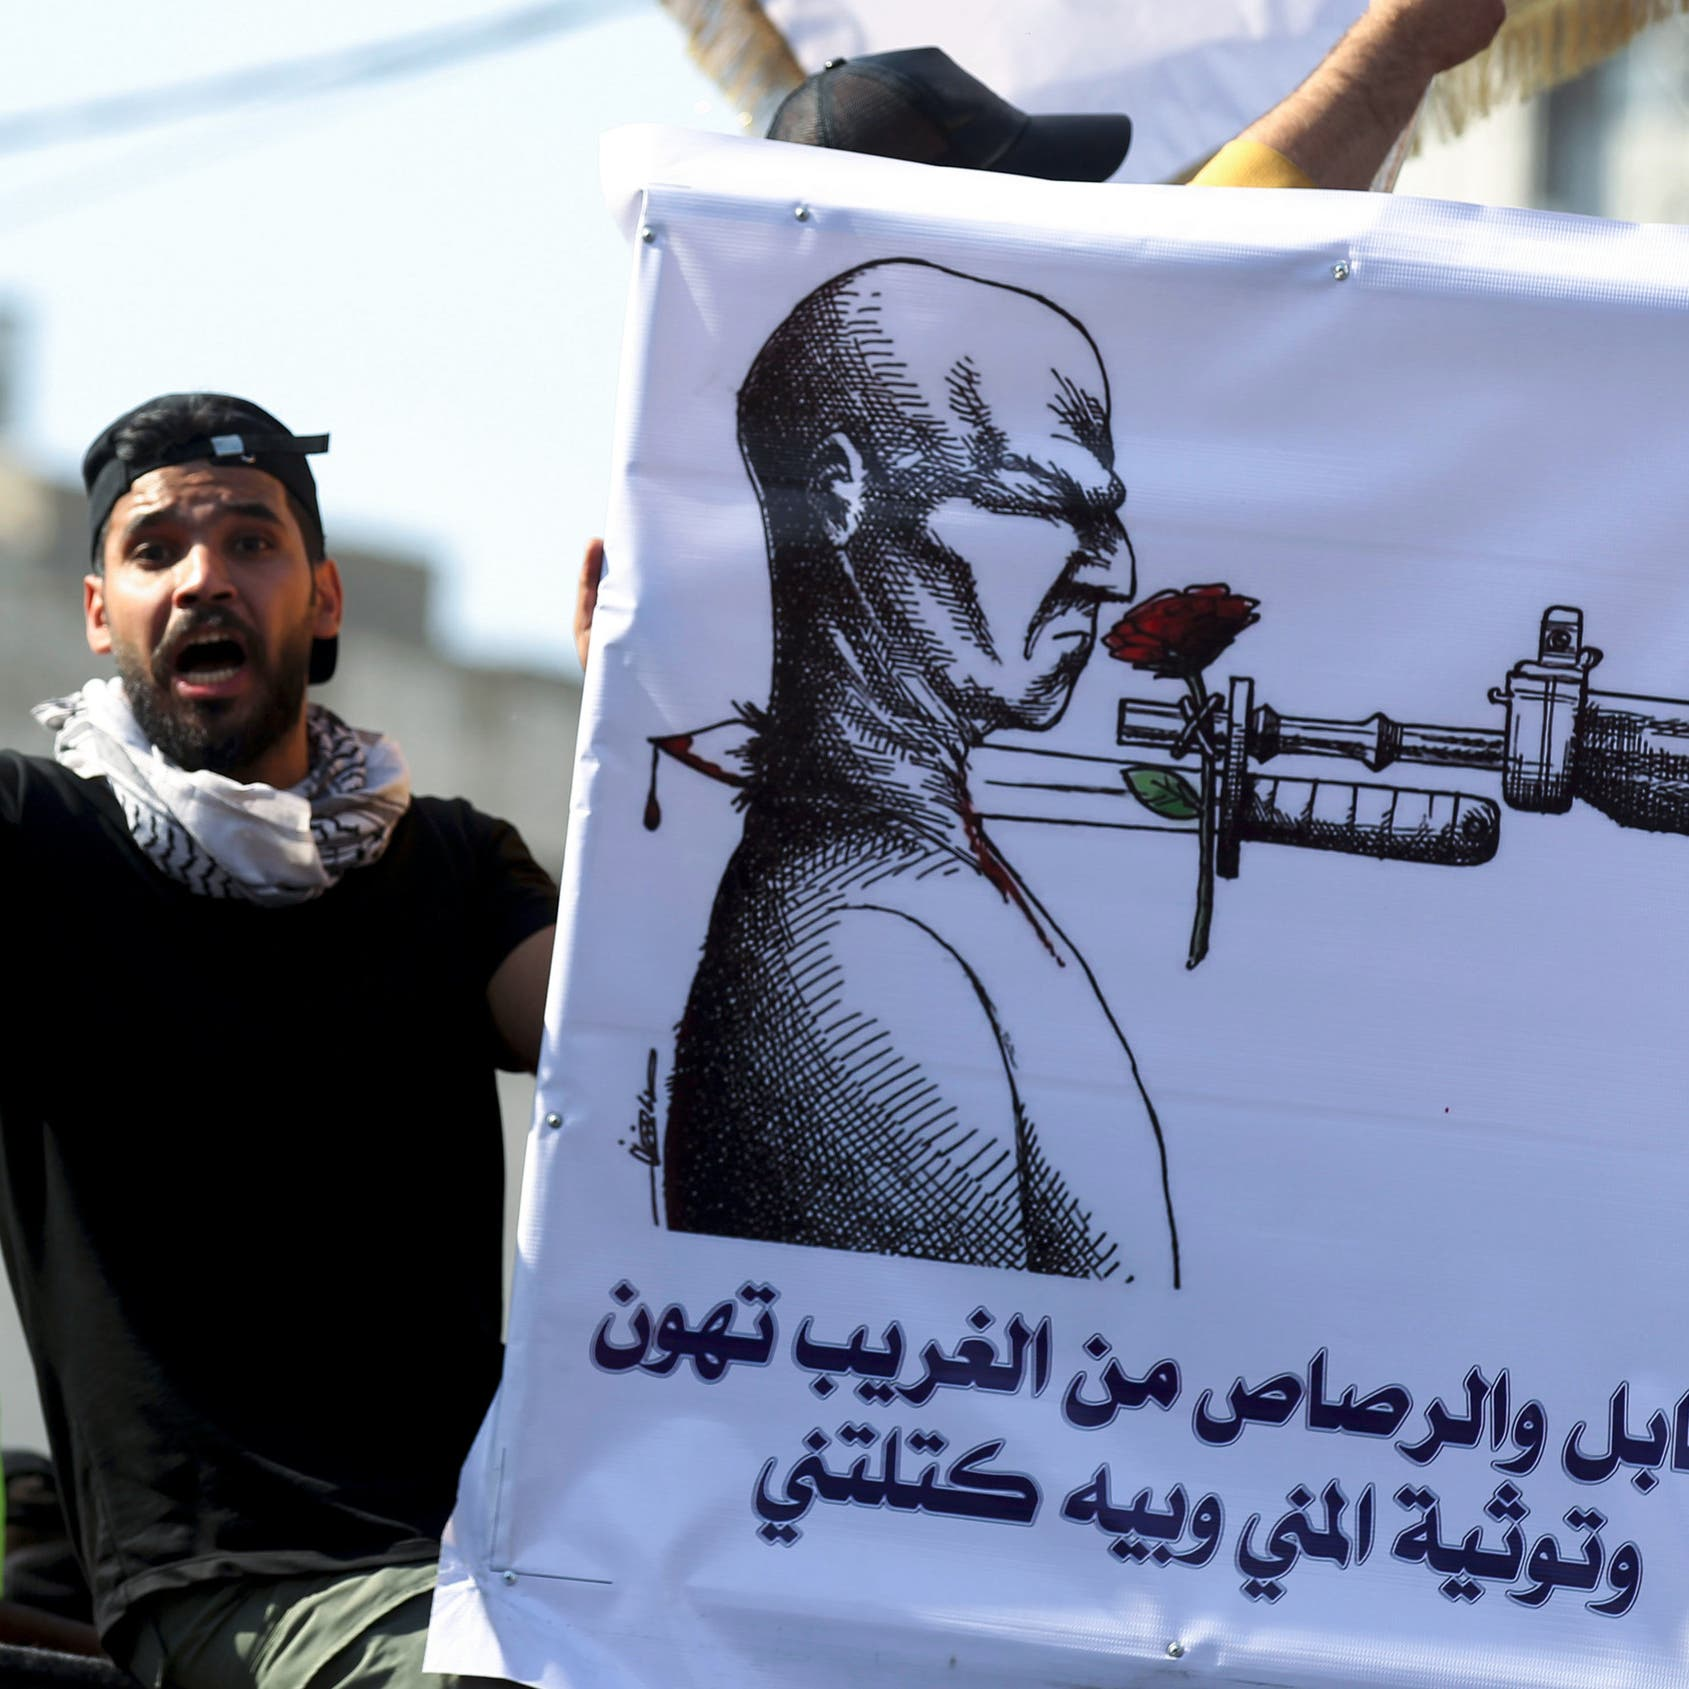 كواتم الصوت تعود.. قتل مساعد نائب عراقي ينتقد الميليشيات